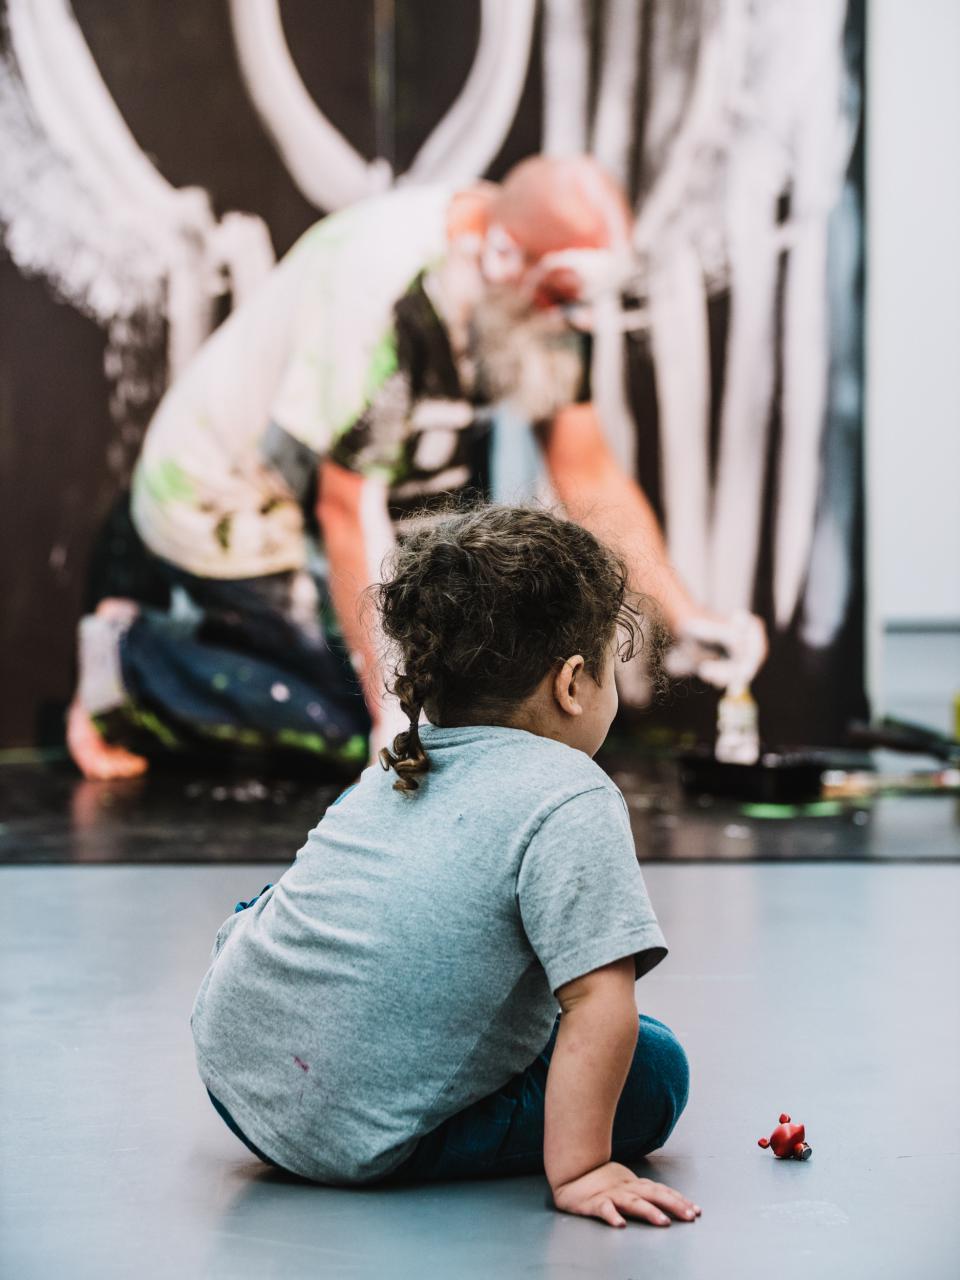 Live-Biennale-2017-Saman-Shariati-10.jpg